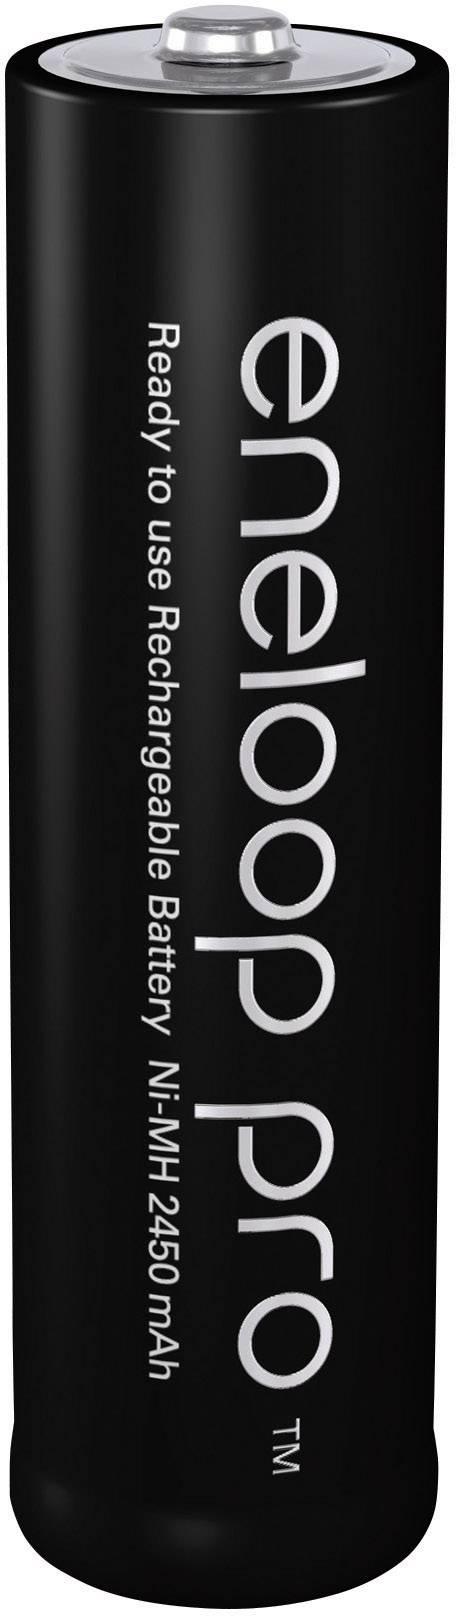 Akumulátor Panasonic eneloop Pro, NiMH, AA, 2450 mAh